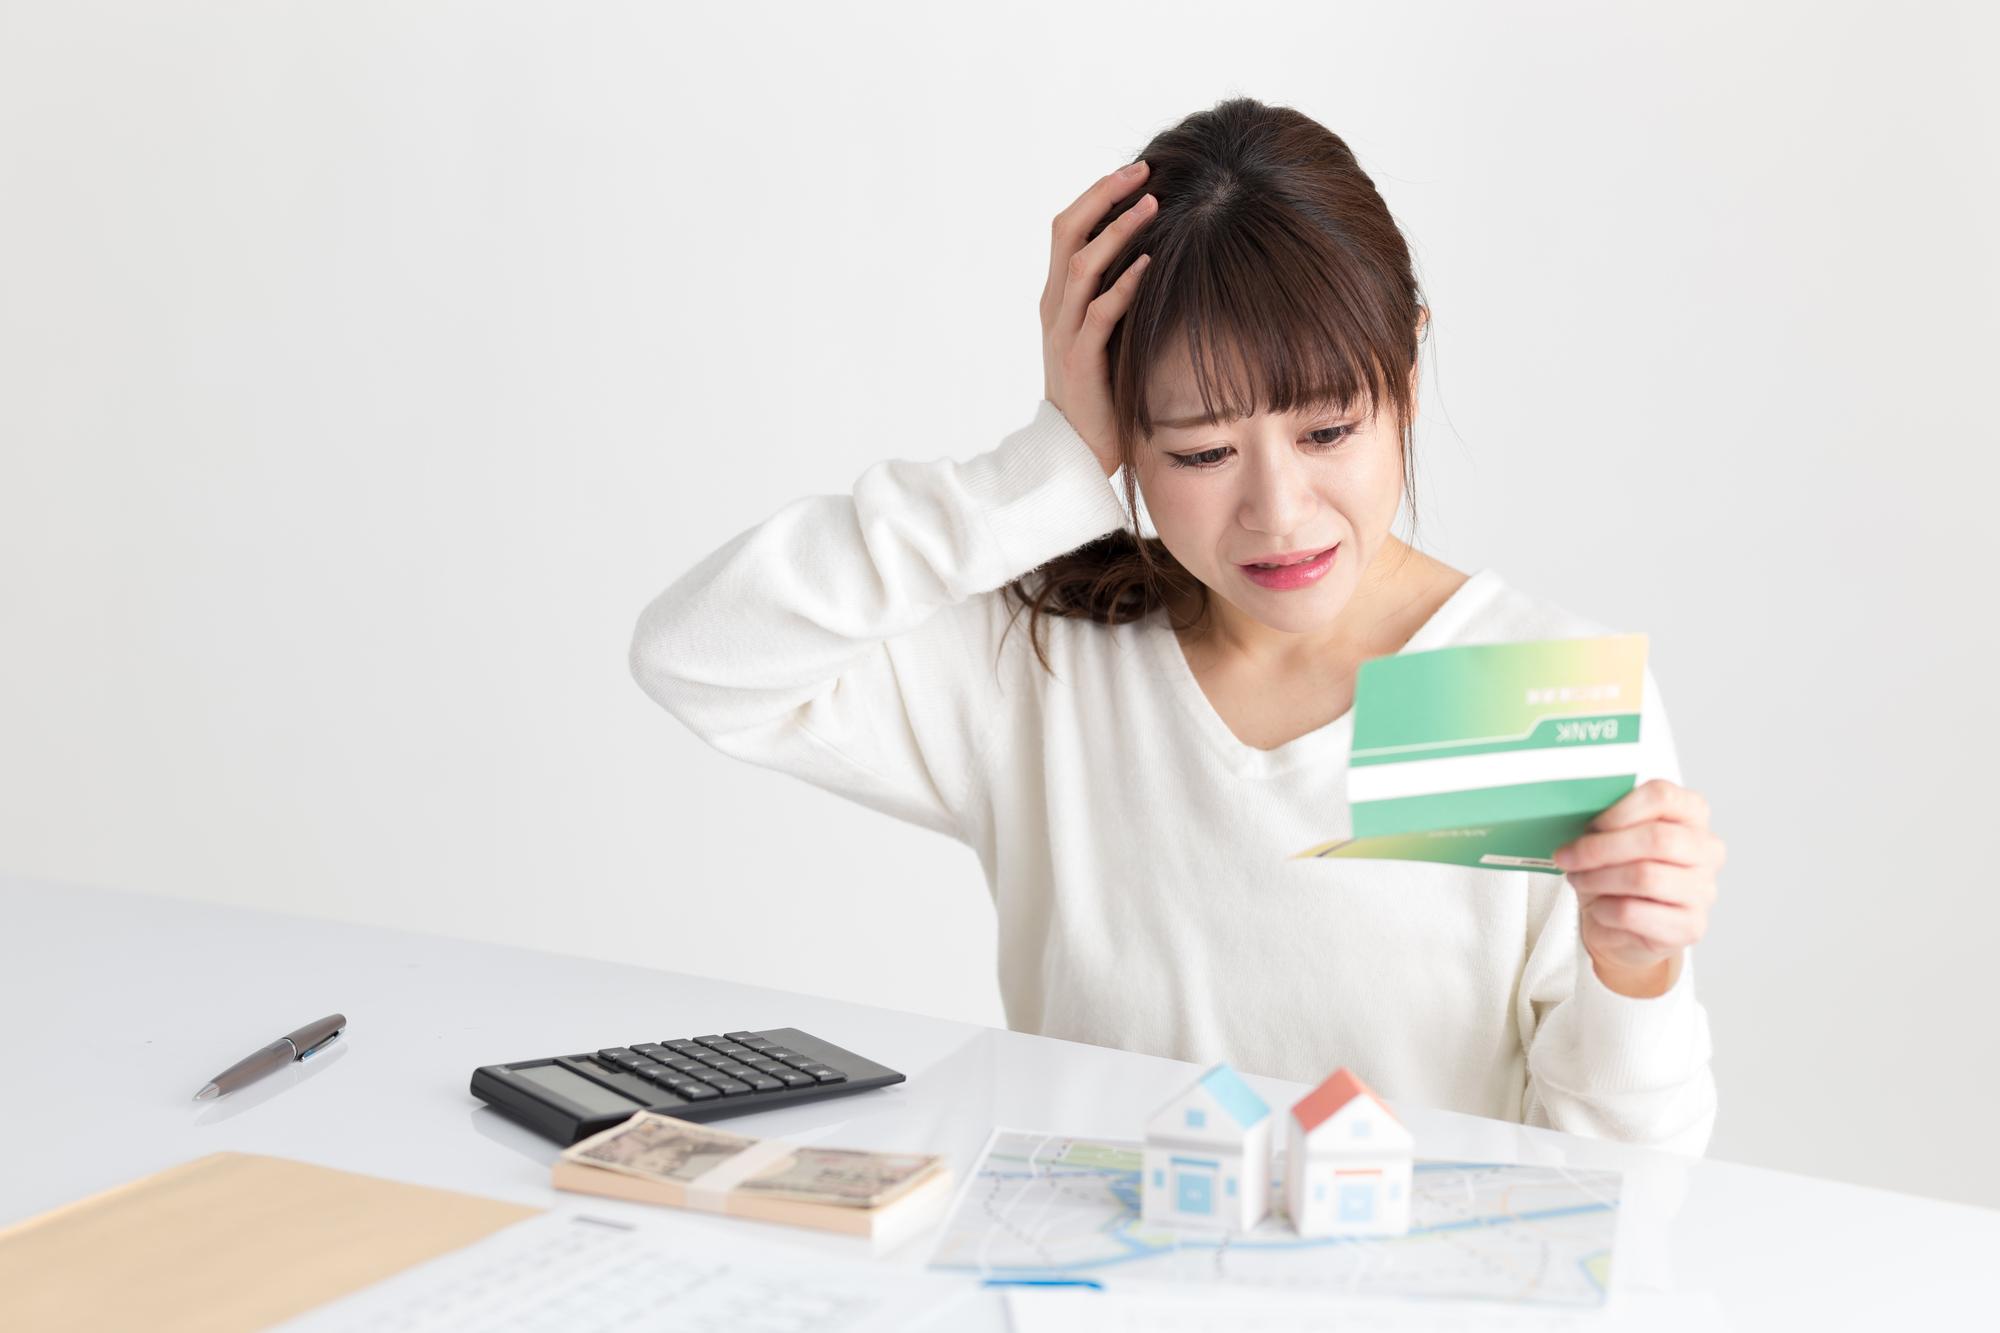 住宅ローンが返済困難になったらどうすれば良い?返済方法変更の流れ